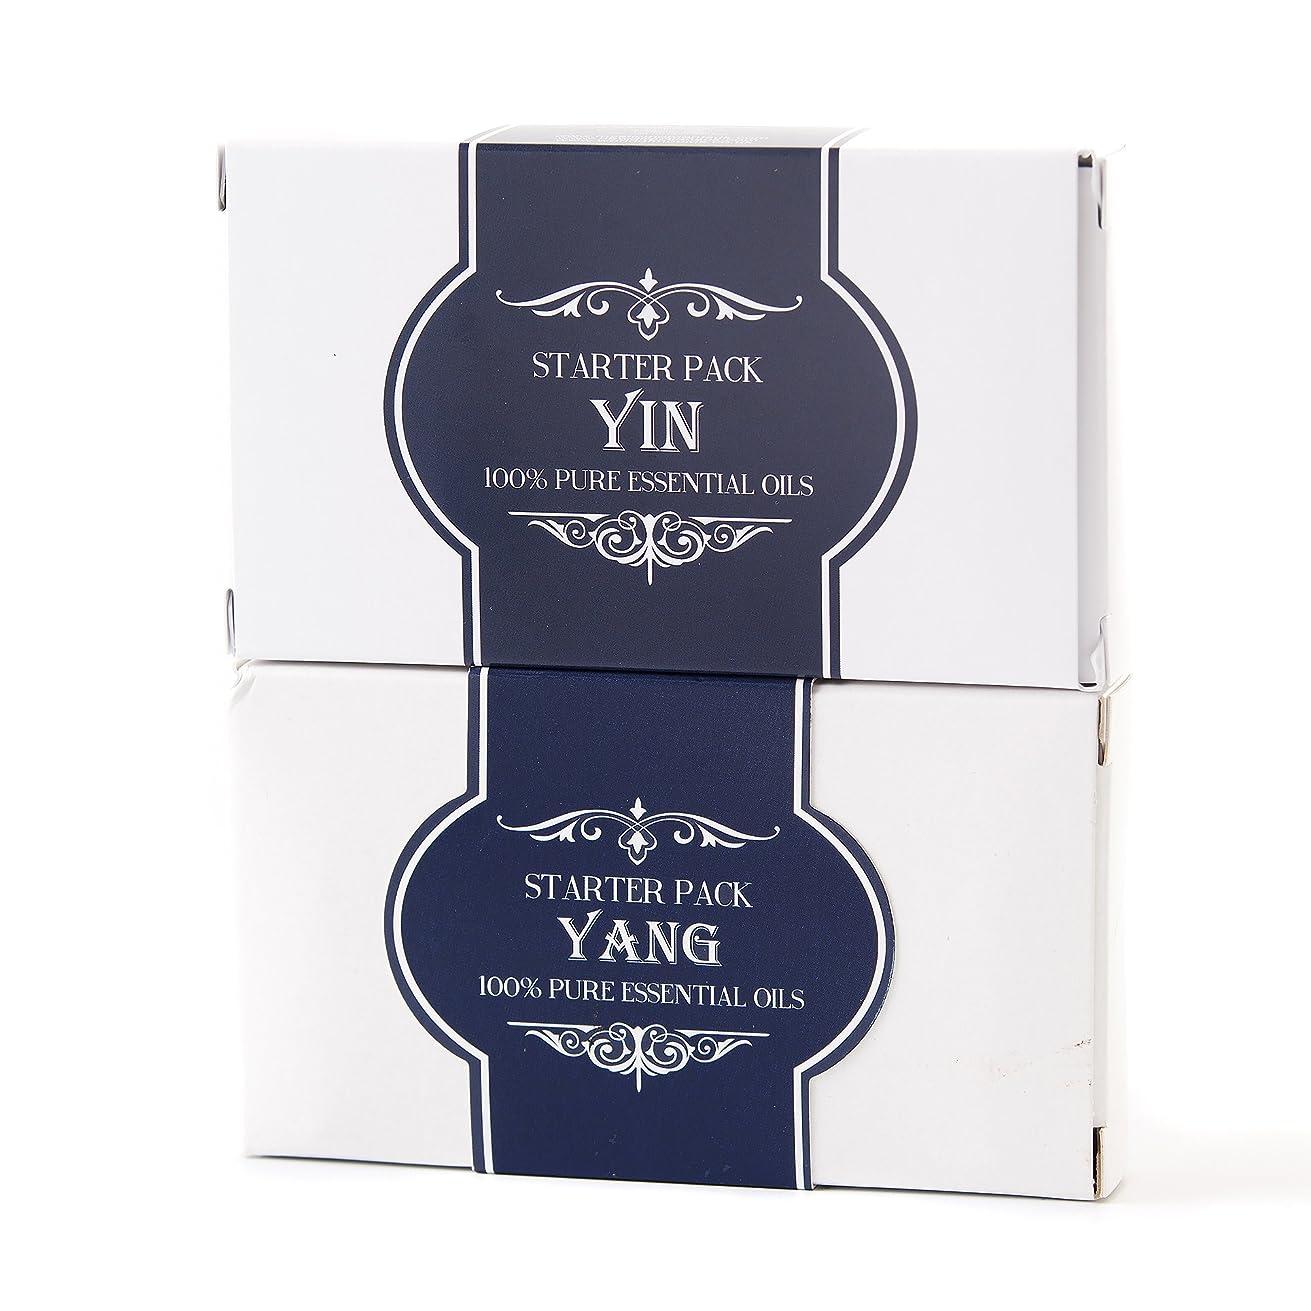 政治家の情報消防士Essential Oils Twin Pack - Yin and Yang